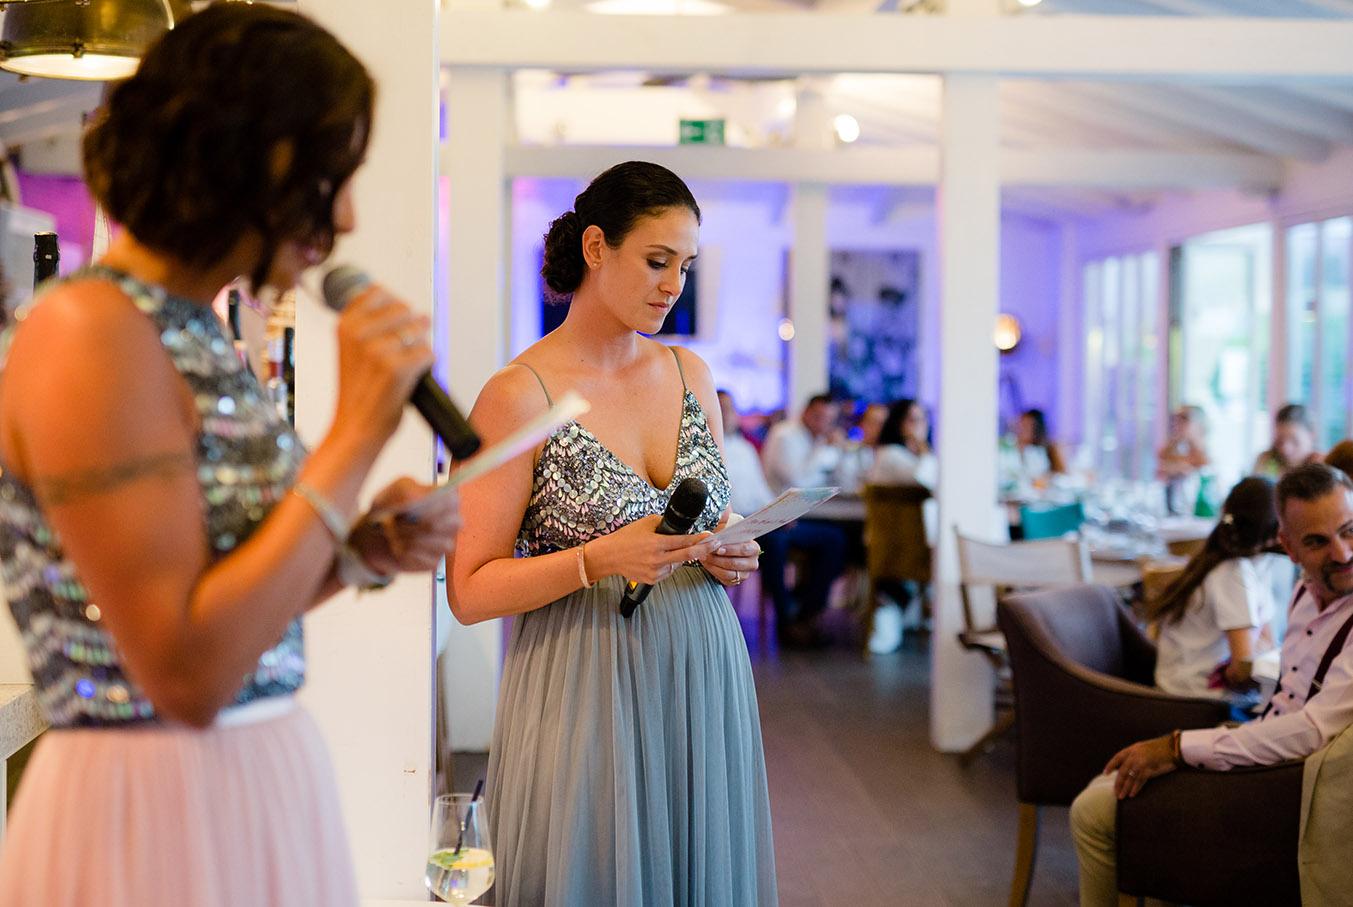 Vienna_Wien_Atzenbrugg_Hochzeit_Paar_Verlobung_Engagement_69